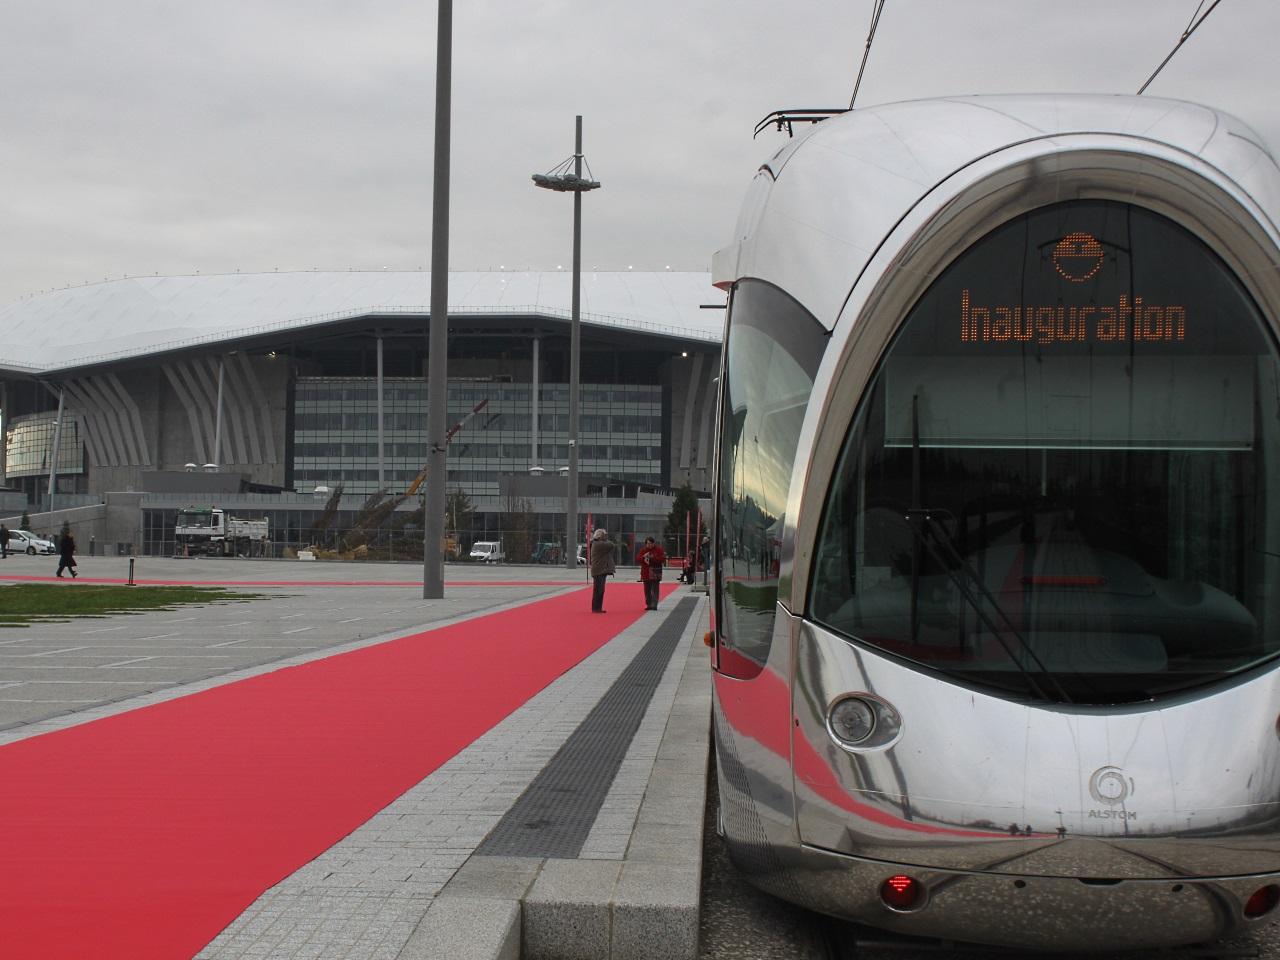 Le tramway au pied du Grand Stade de Décines - LyonMag